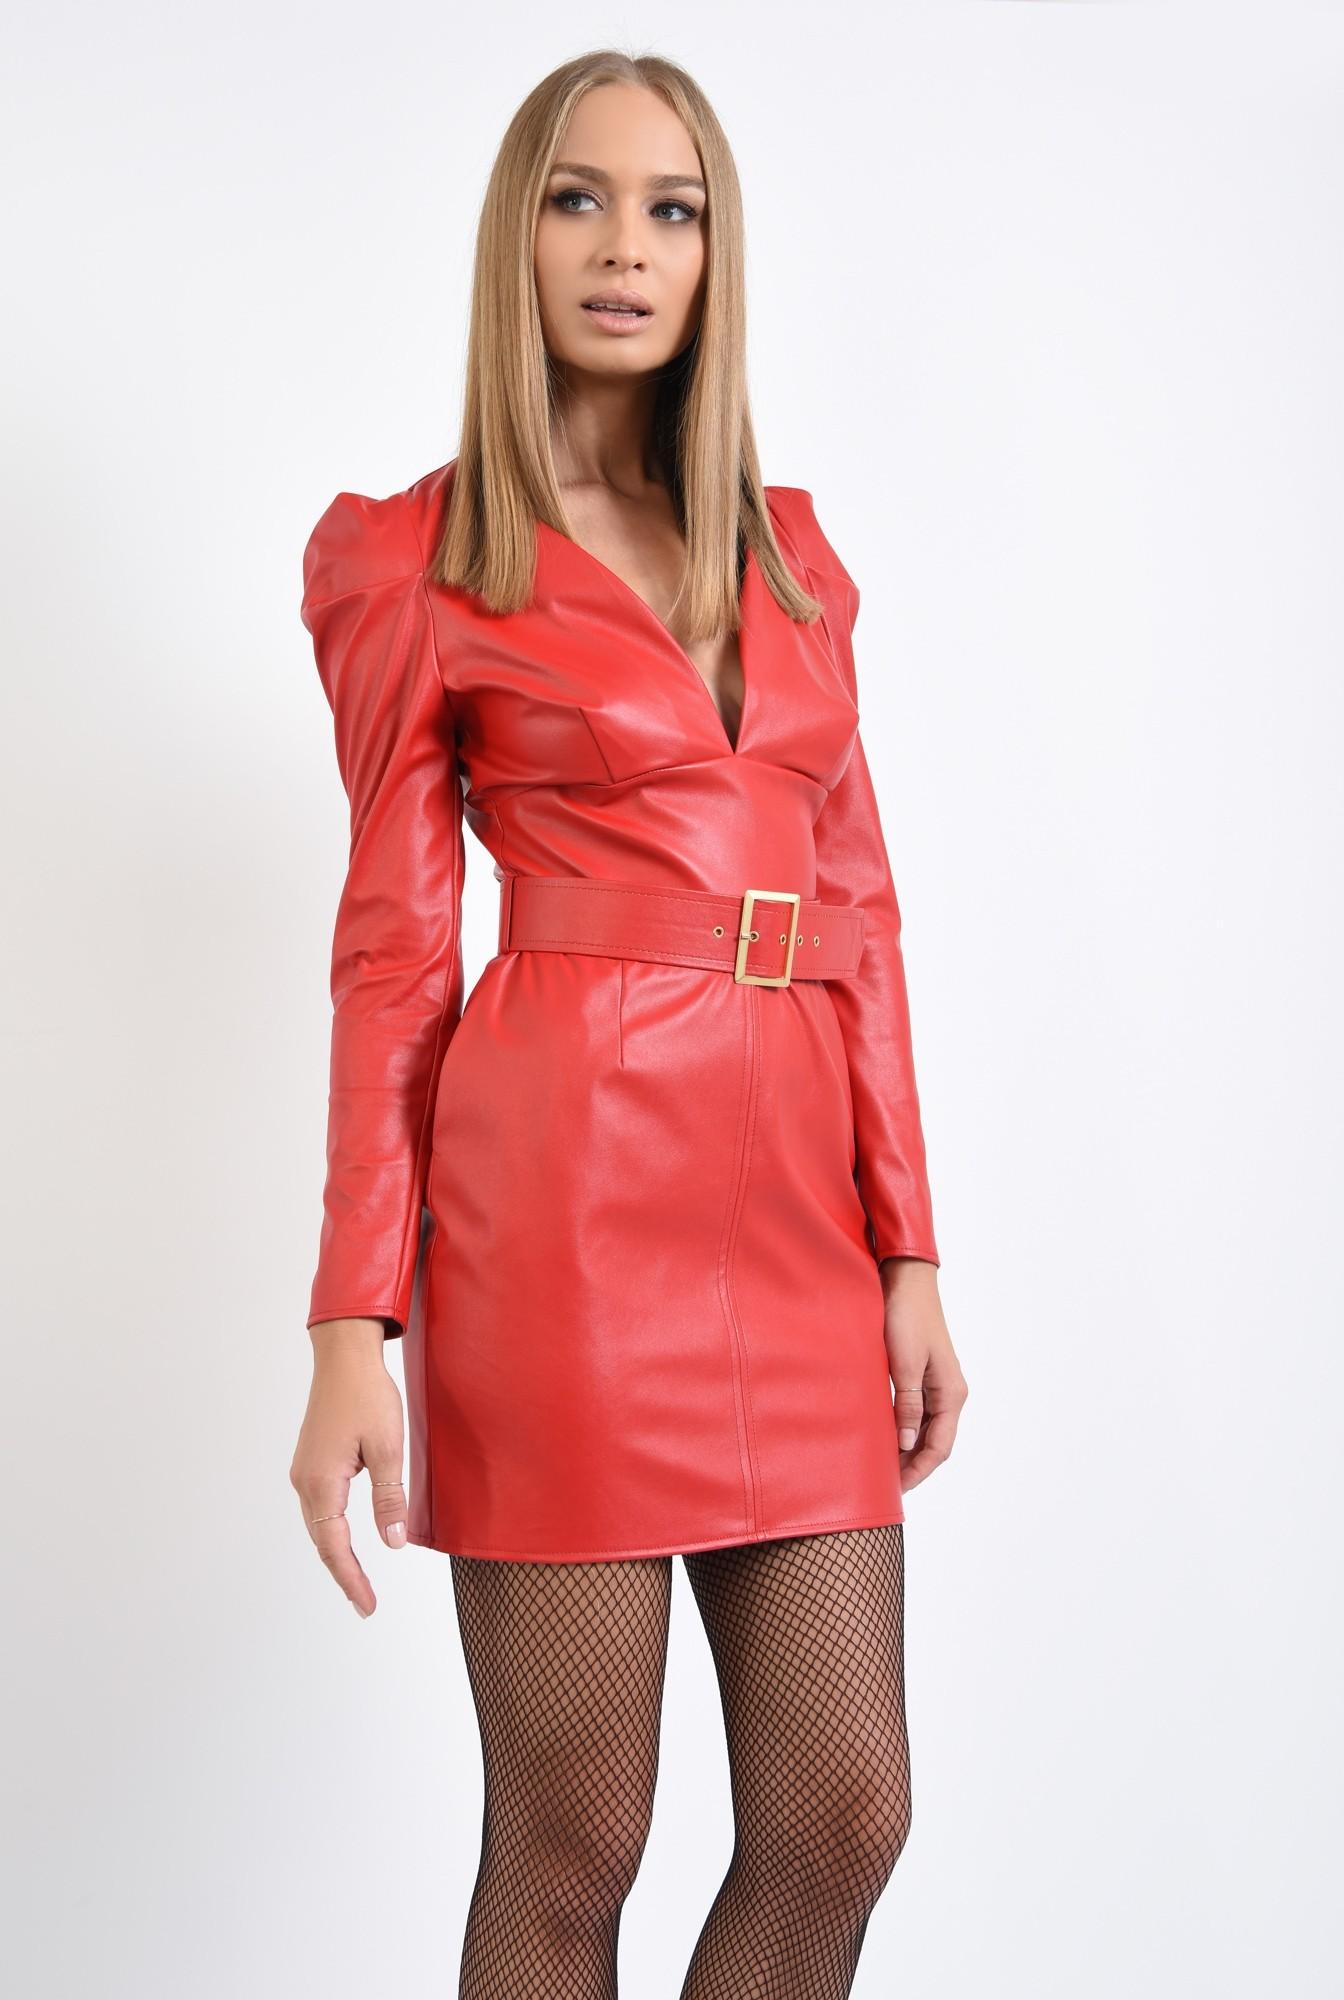 0 - rochie mini, rosie, anchior, cu centura